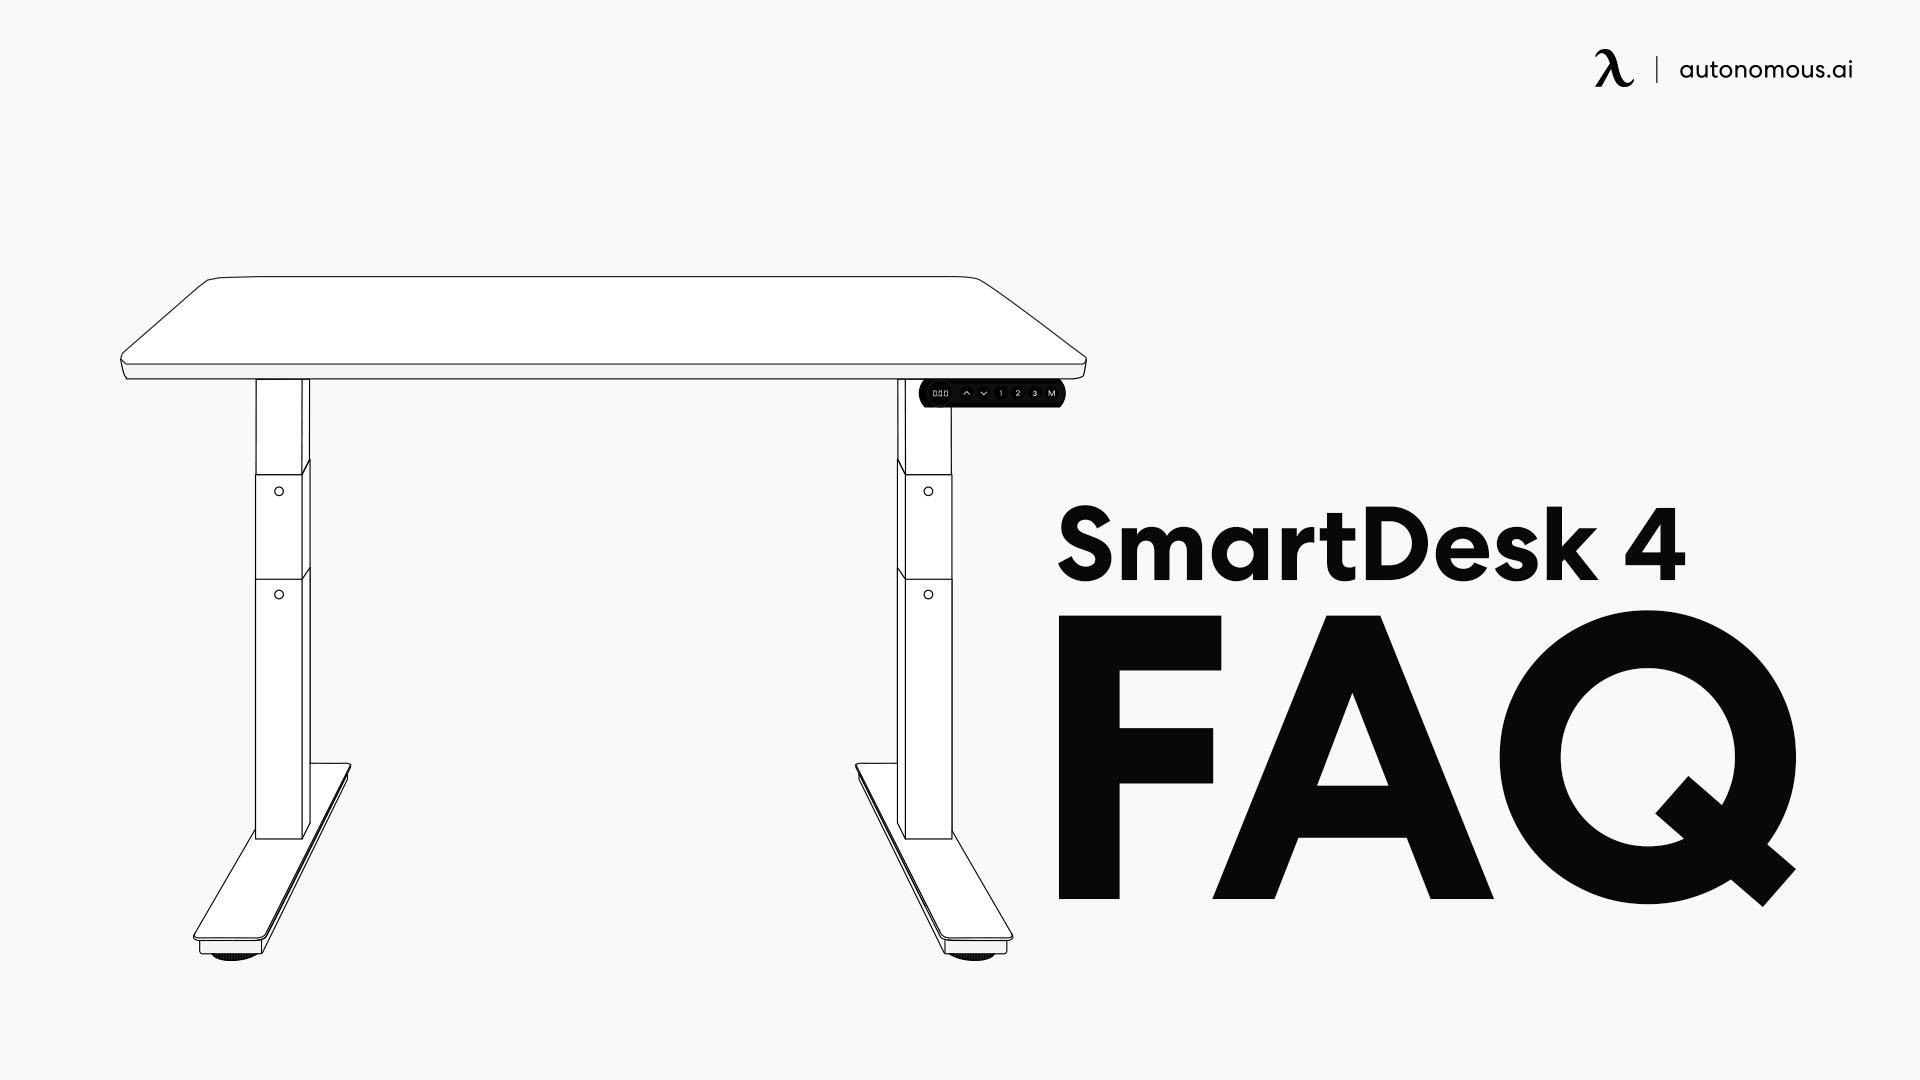 Assembling the SmartDesk 4